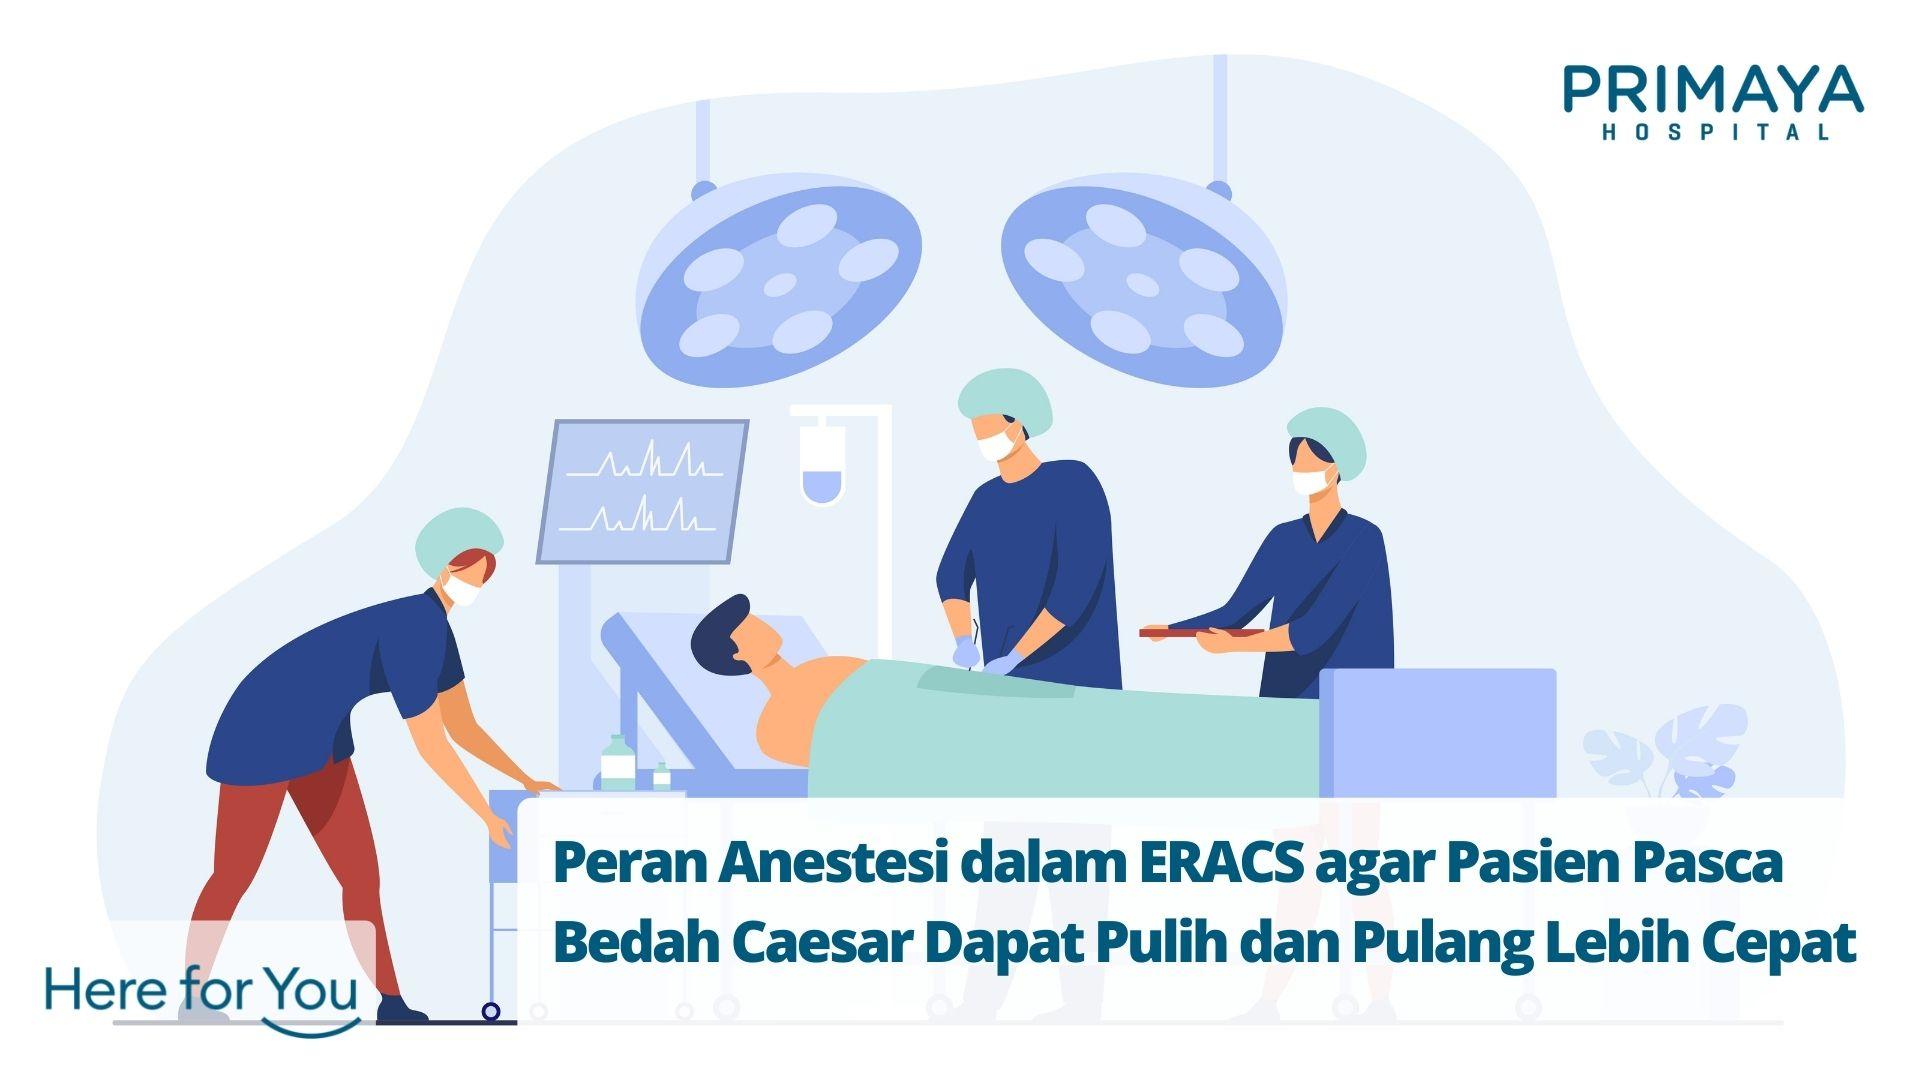 Peran Anestesi dalam ERACS